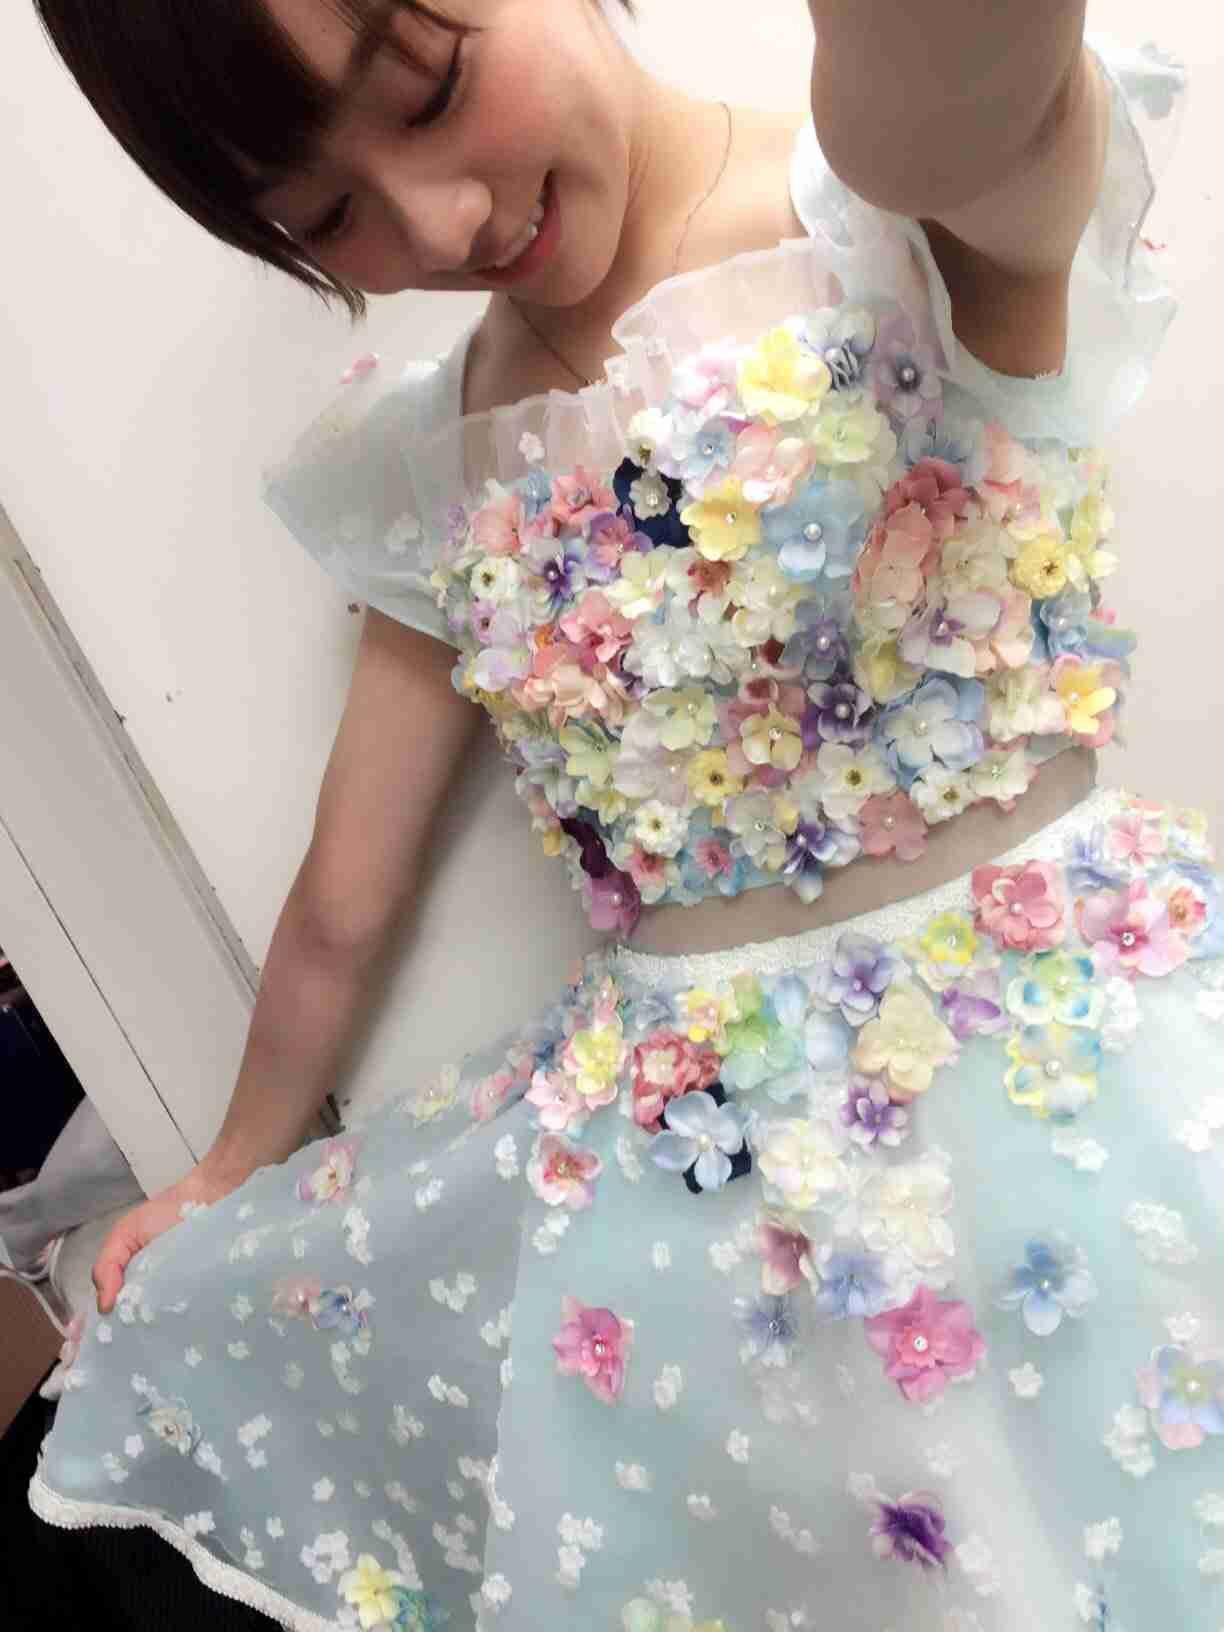 2018 年の「akb48・人気のかわいい衣装ランキングtop30!【画像まとめ